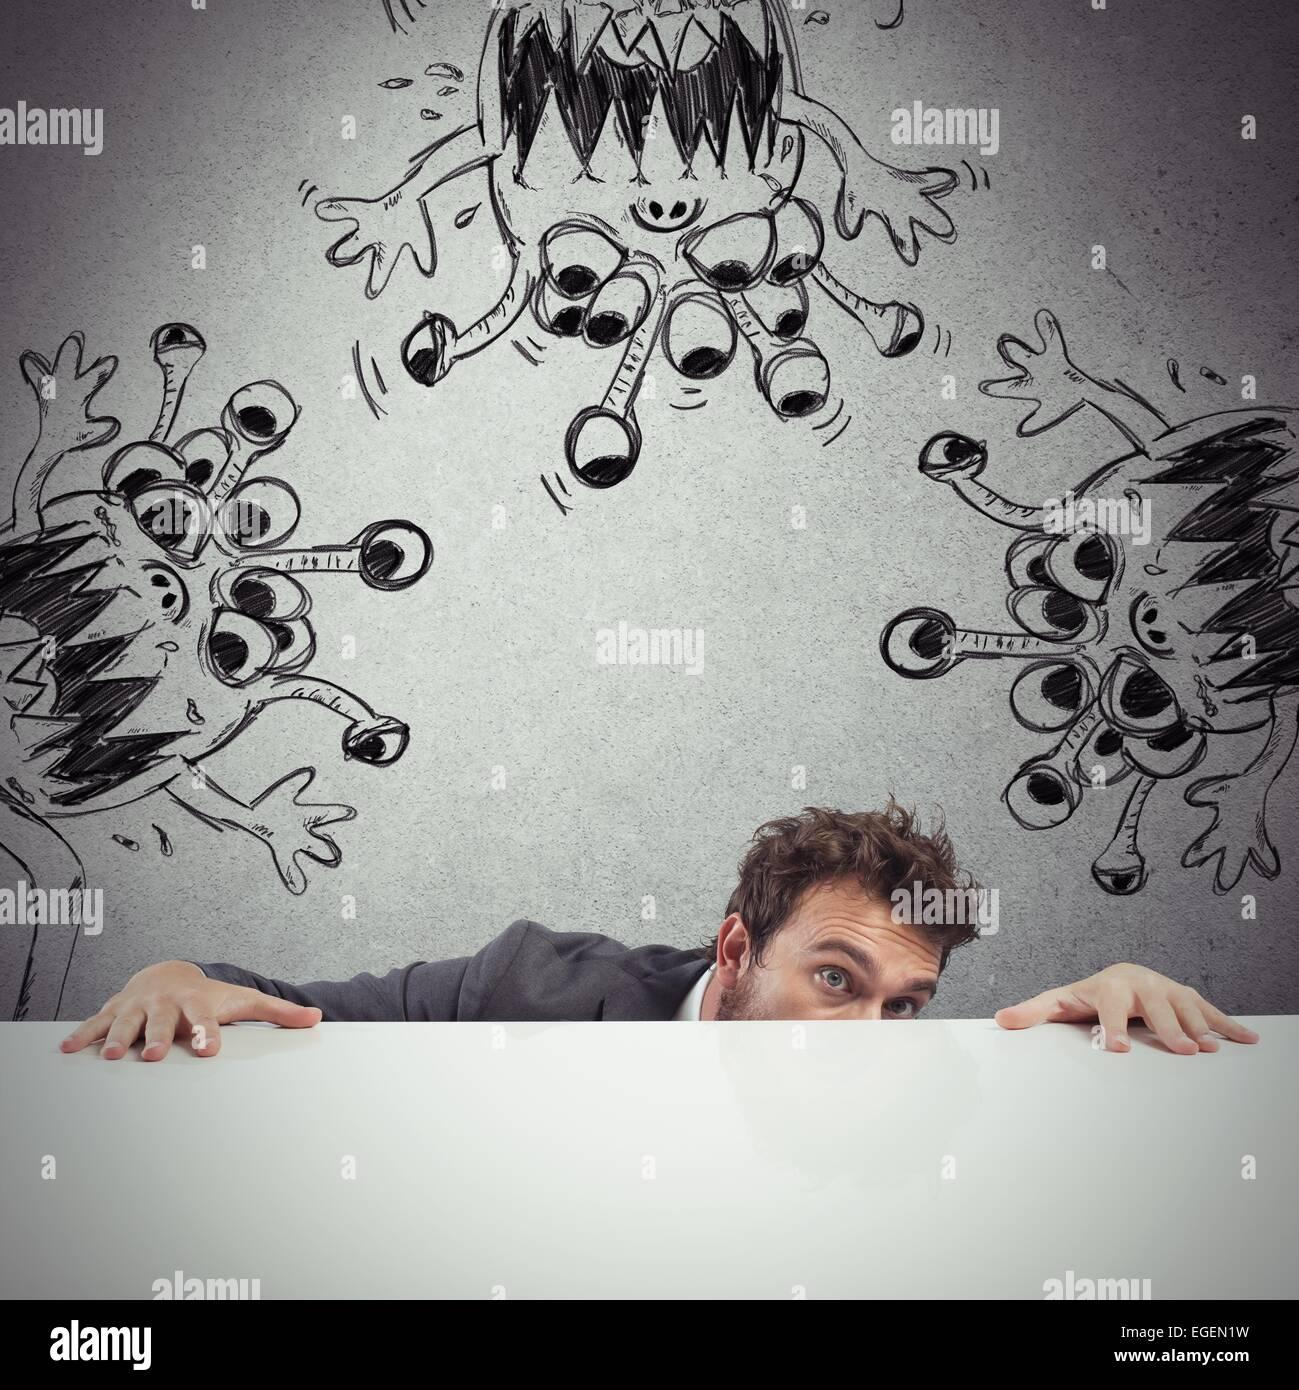 Man hides virus - Stock Image